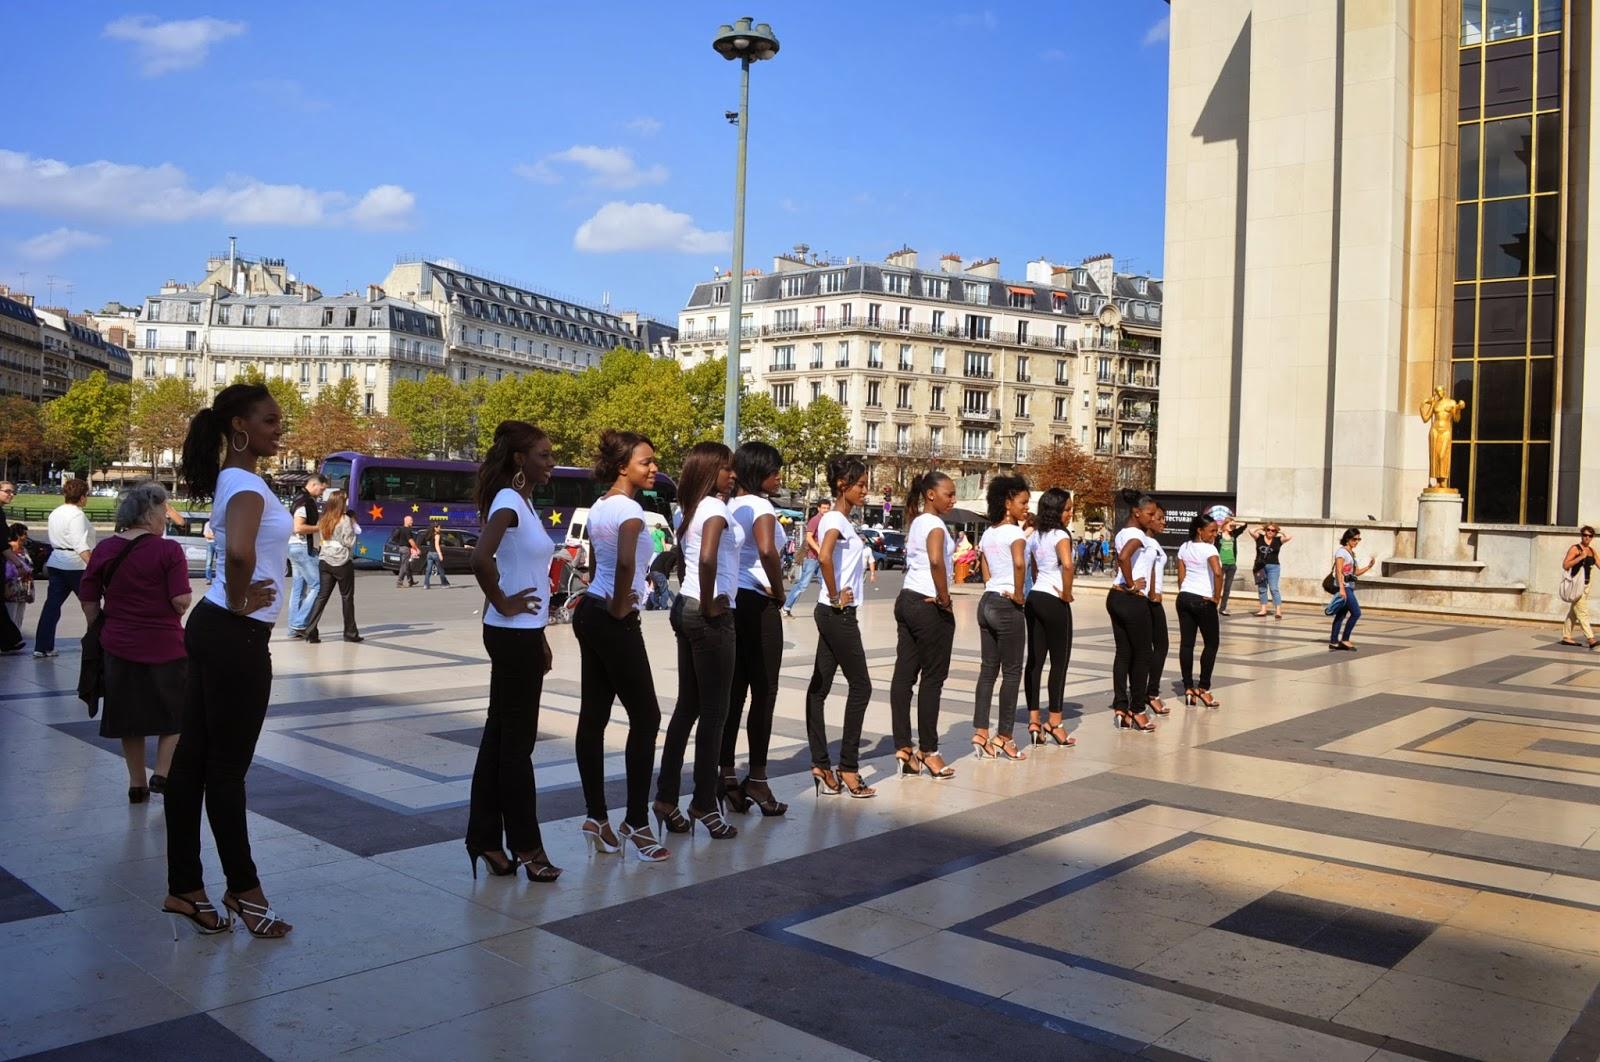 Тези девойки репетираха 2 часа как да направят едновременно крачка напред. Да дойдат в моята група по народни танци, та да видят какво значи координация и синхрон!!  : - )